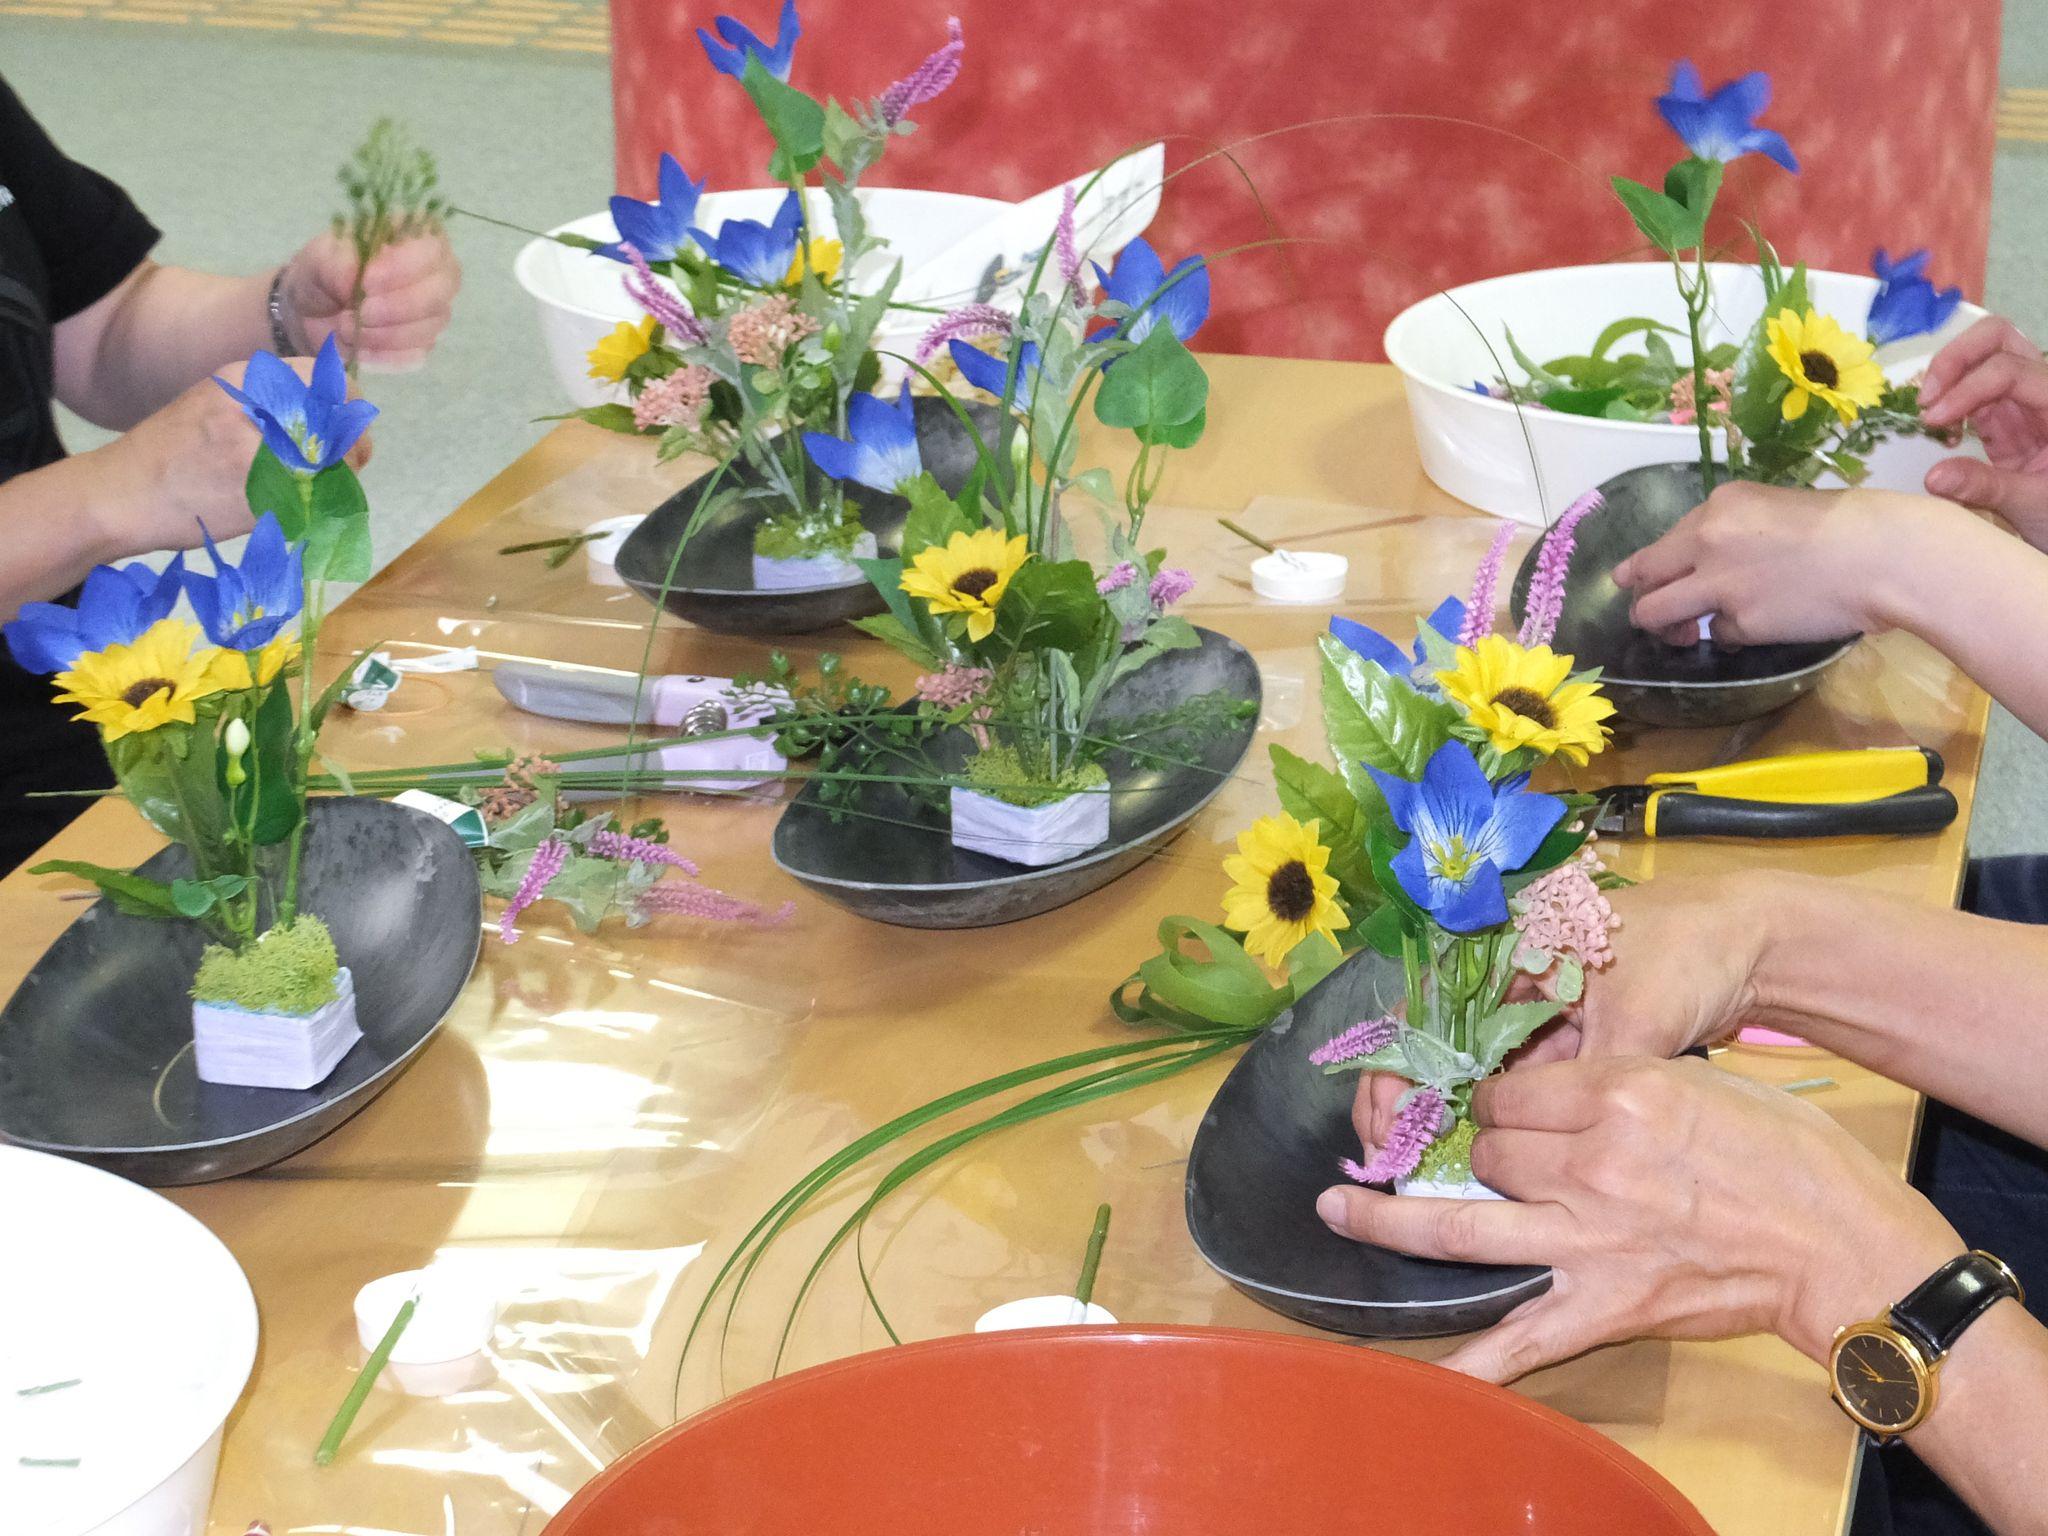 [HOR-05] 《月曜限定》造花で造るアレンジメントレッスン付き宿泊プラン